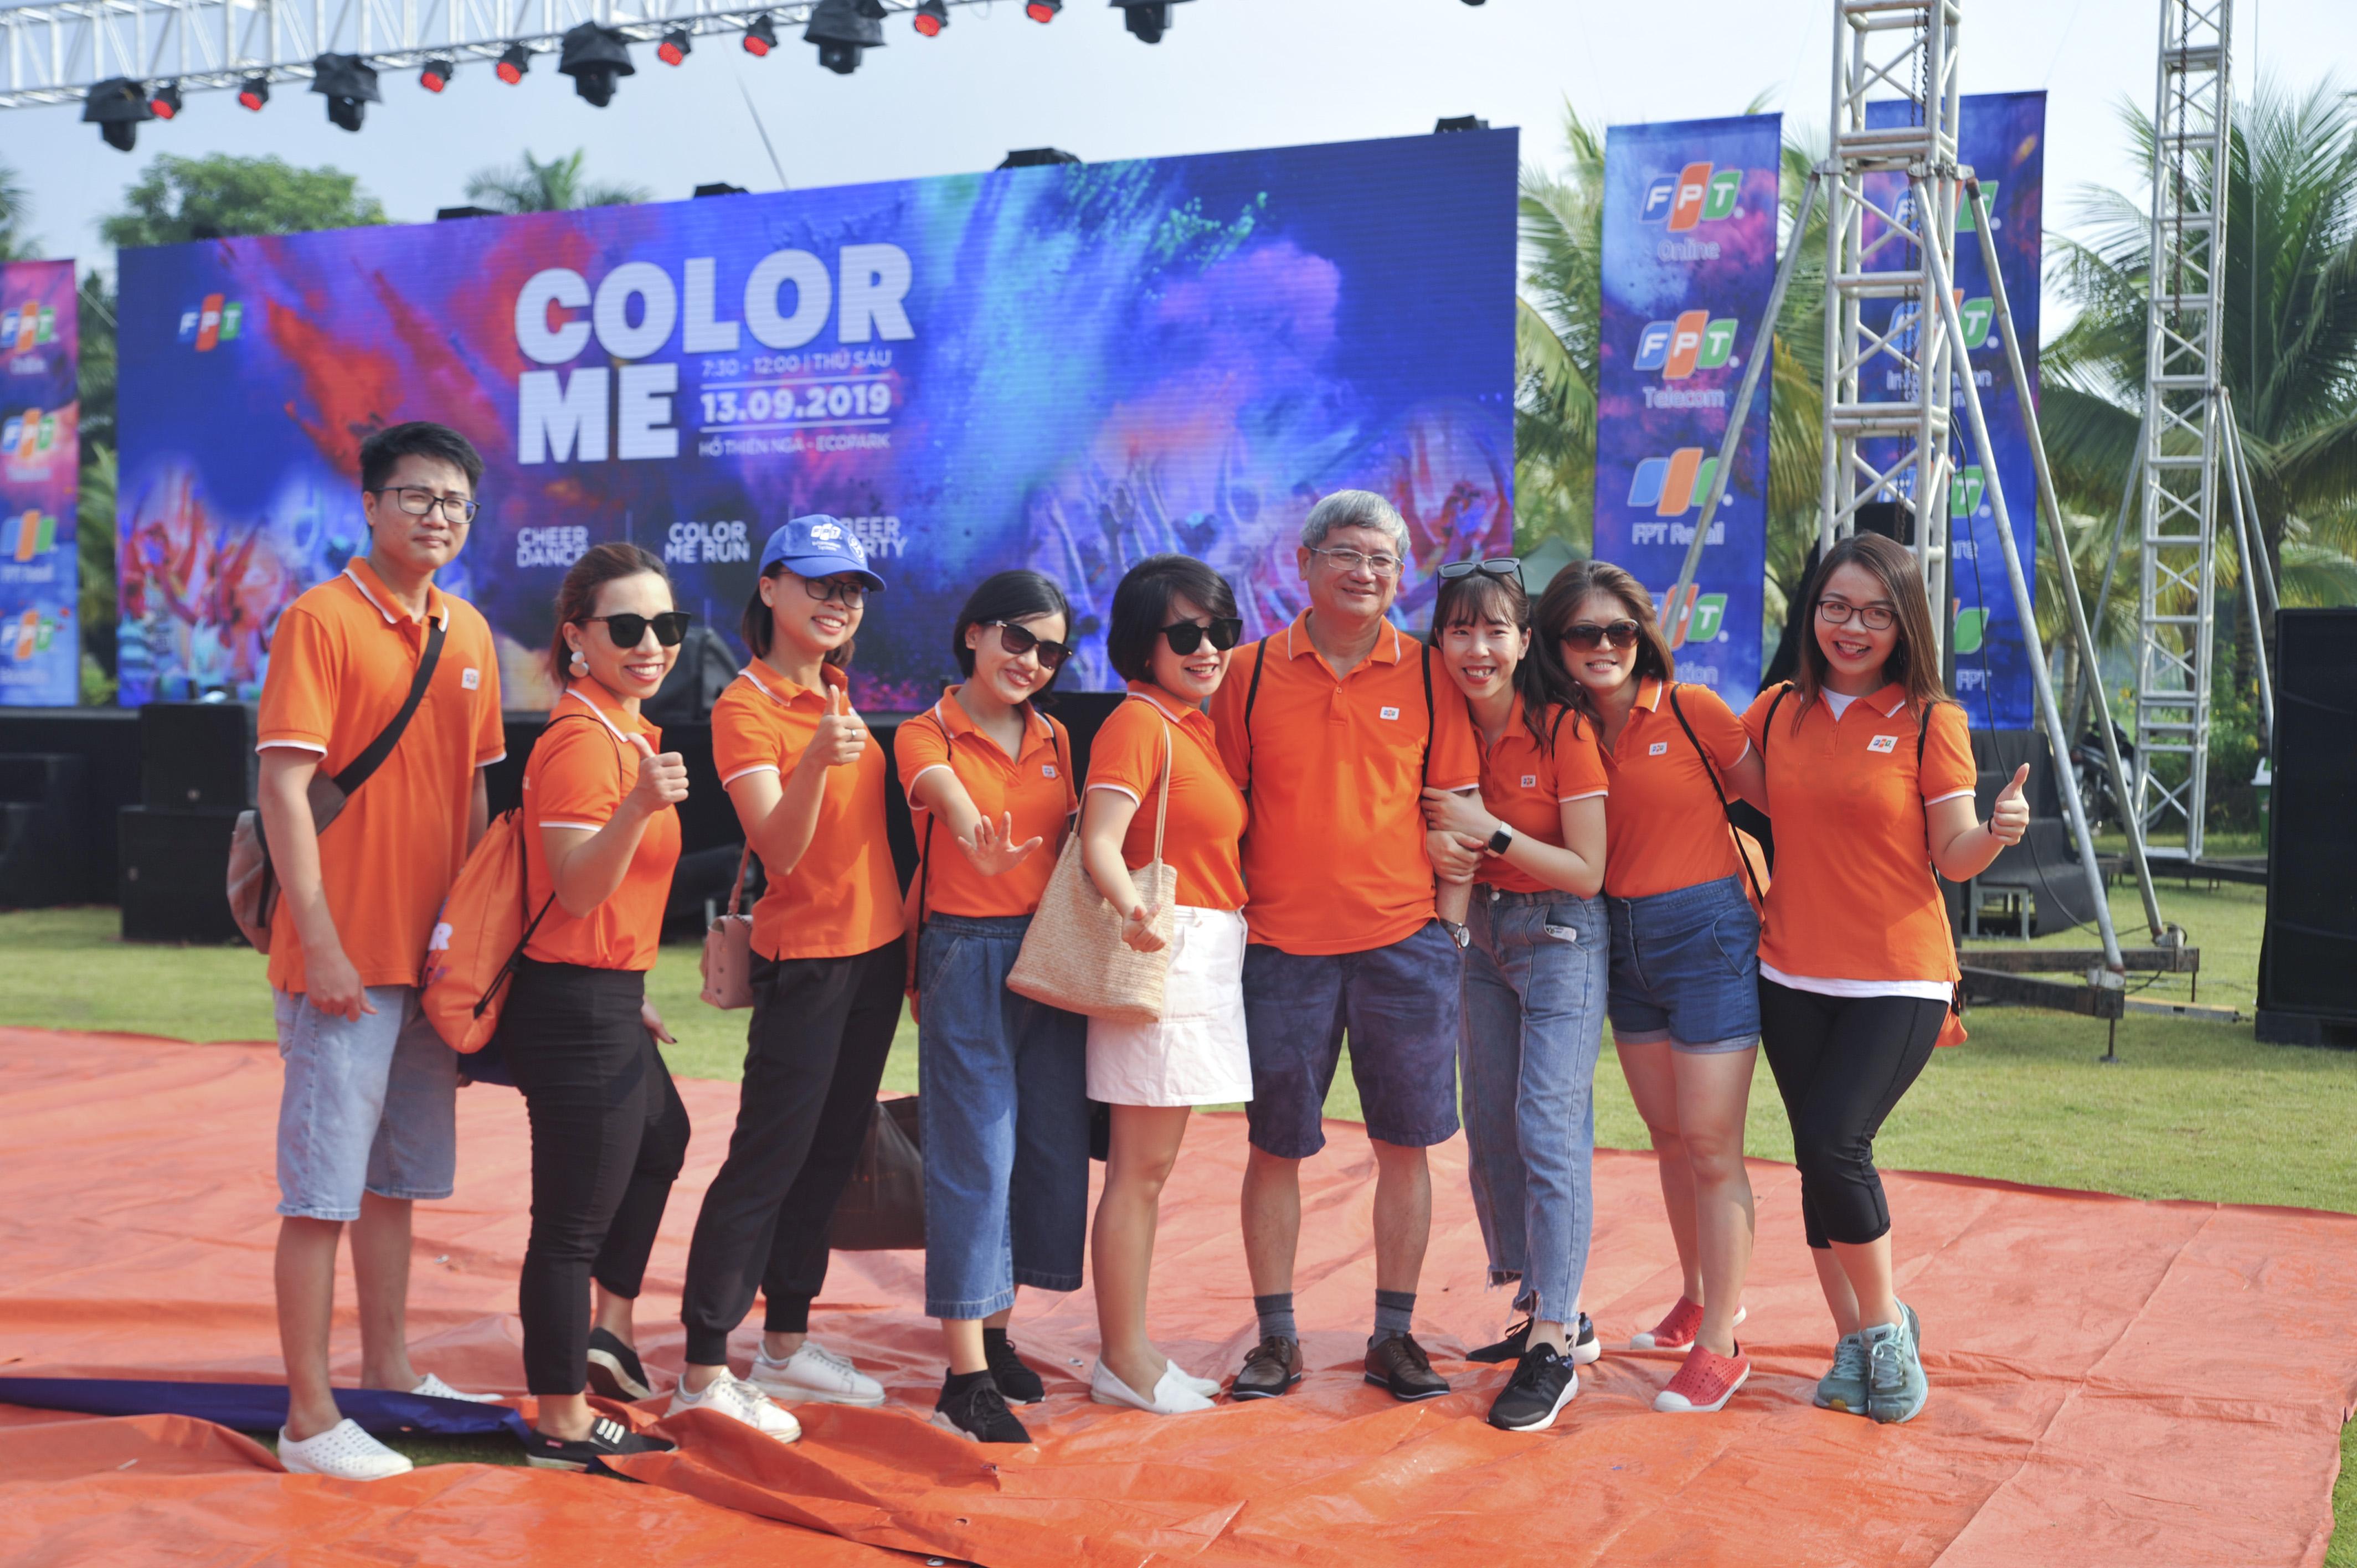 Phó Chủ tịch HĐQT FPT Bùi Quang Ngọc ăn vận thoải mái và hào hứng chụp ảnh cùng các nhân viên nhà Hệ thống.